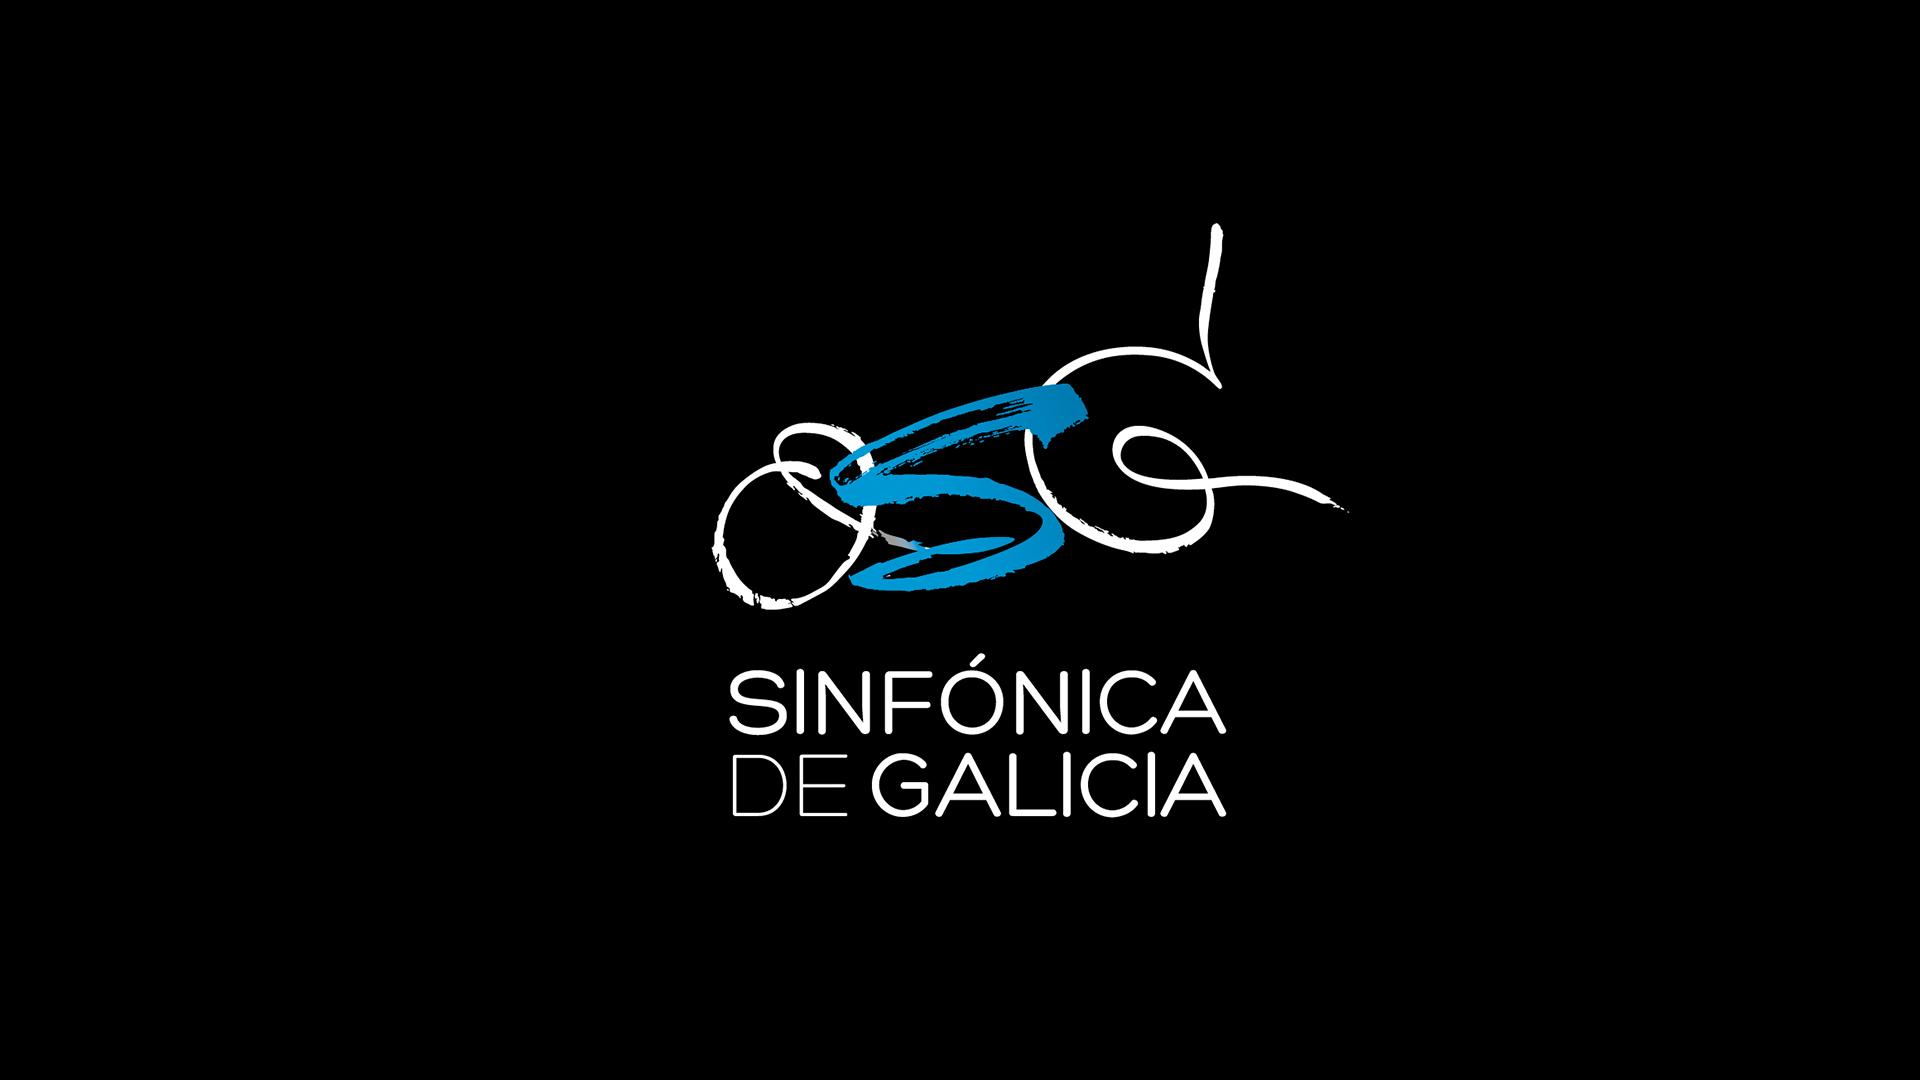 La Orquesta Joven de la Sinfónica de Galicia inicia su primer encuentro de 2013 acompañada por la música de Weber, Wagner y Glière